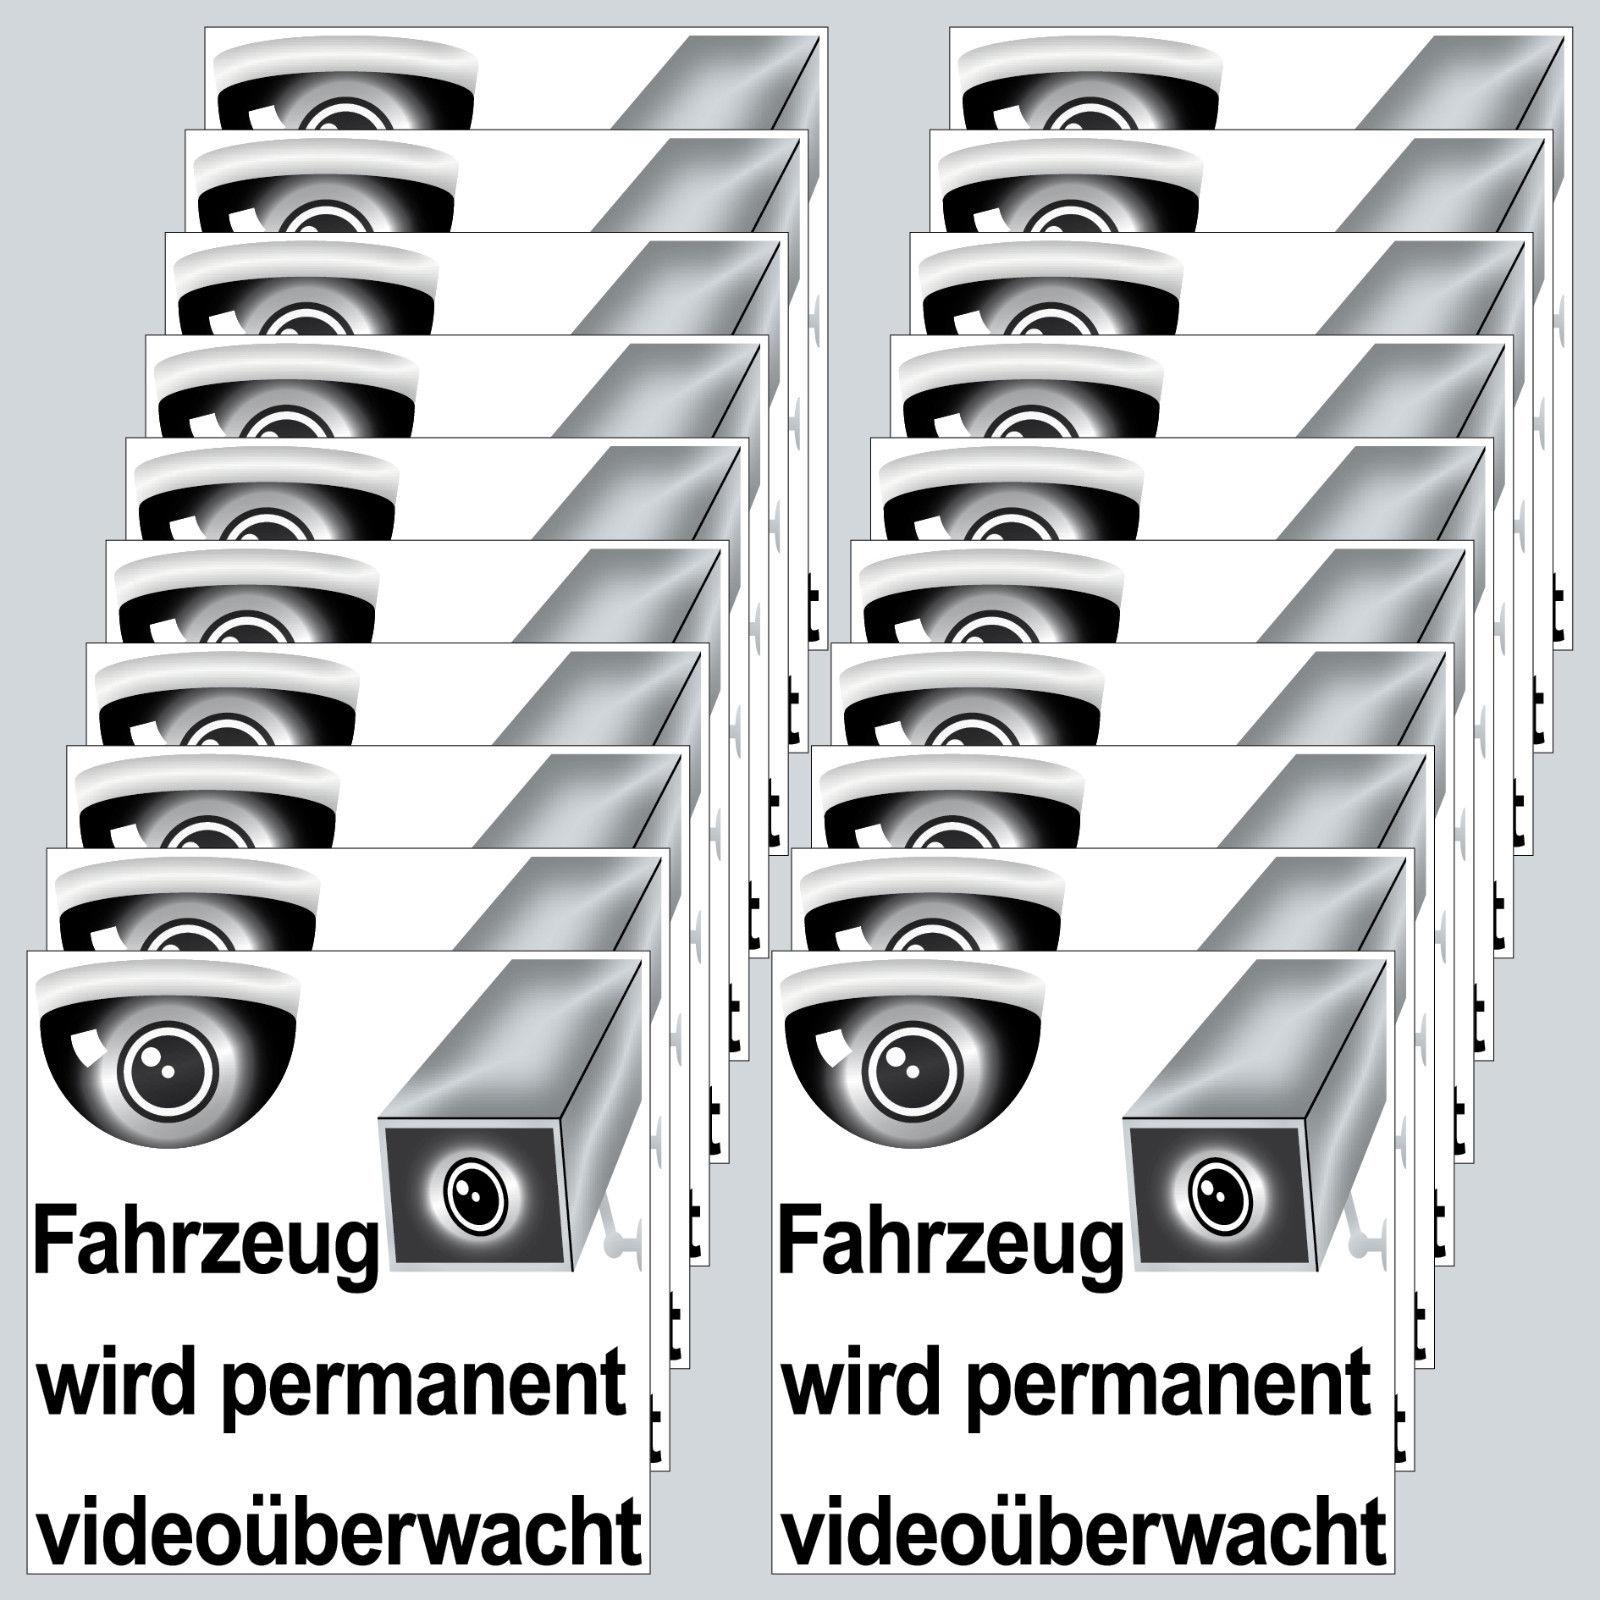 Aufkleber 5cm Fahrzeug Wird Videoüberwacht Für Außenseite Taxi Wohnwagen Auto